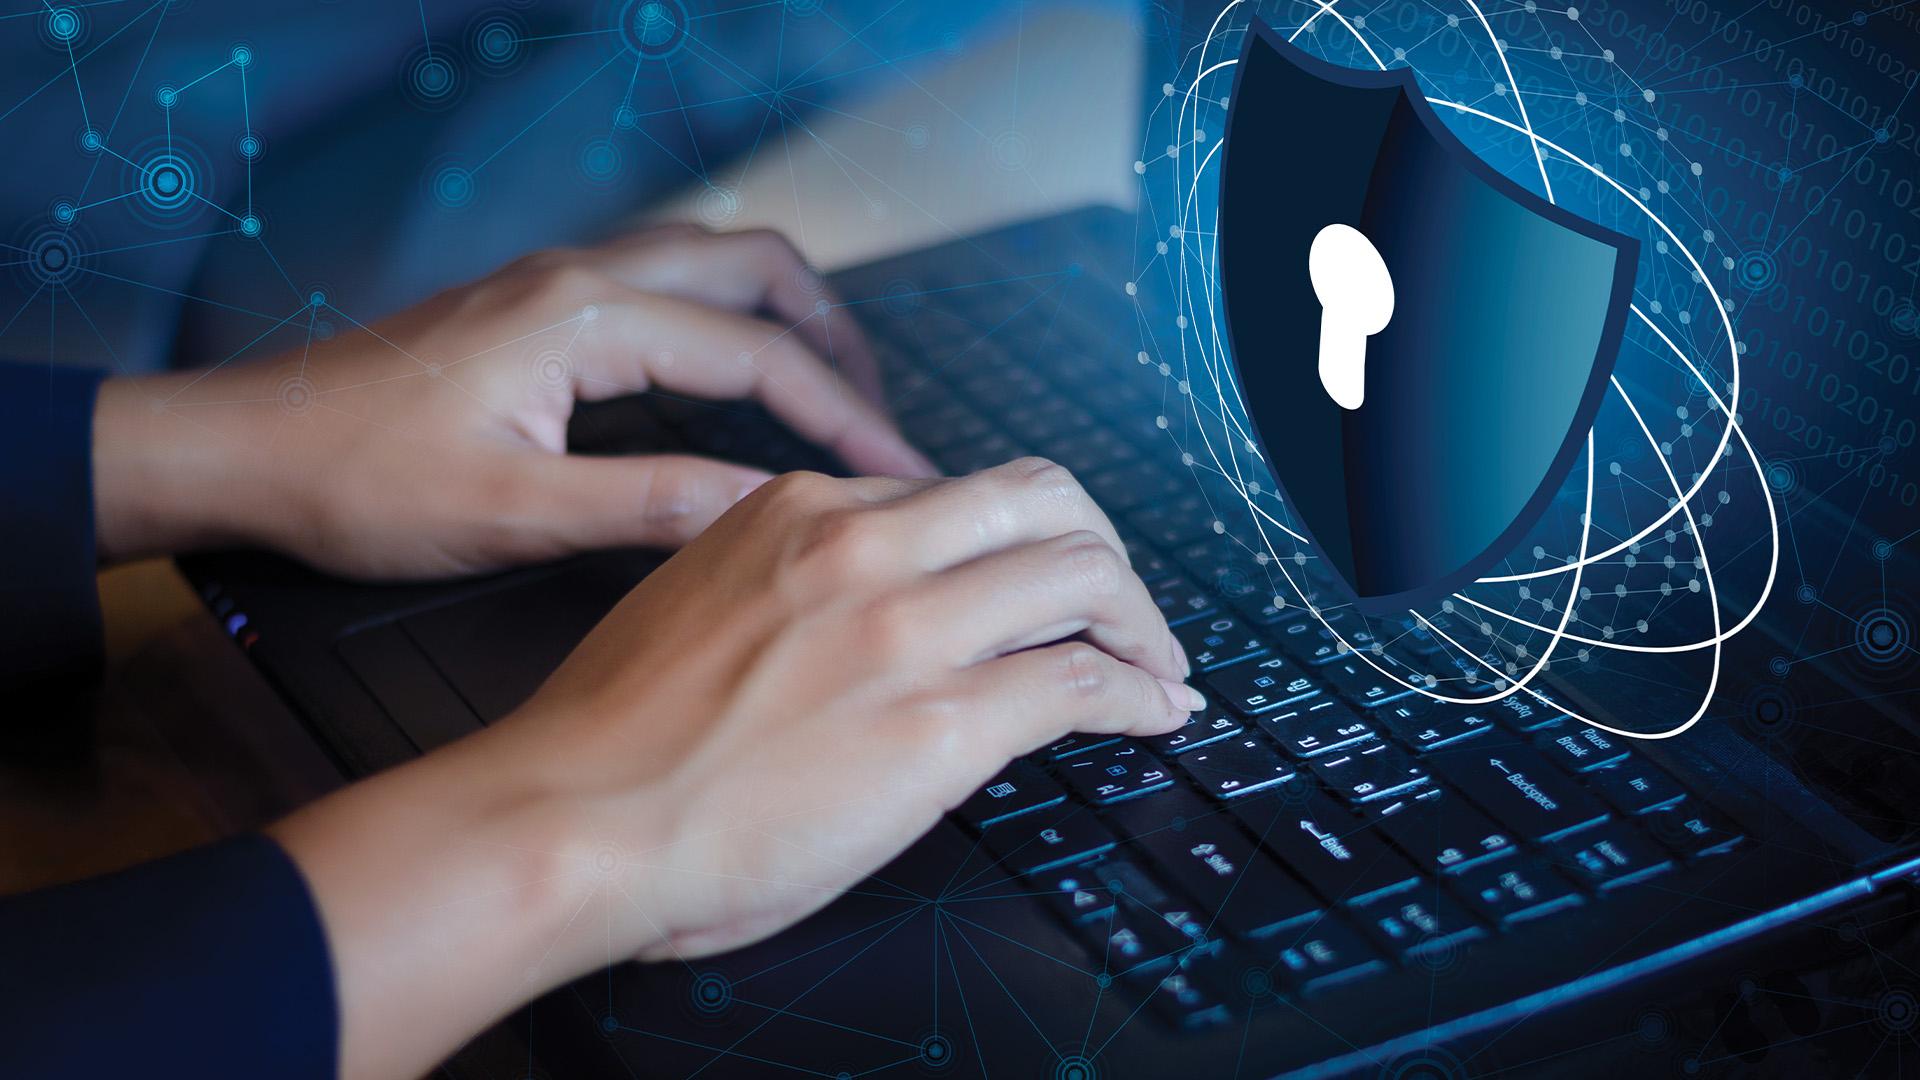 ما هو مستقبل الأمن السيبراني - كيف تضمن حماية الموارد البشرية والمالية المرتبطة بتقنيات الاتصالات والمعلومات - الأمان على شبكة الإنترنت